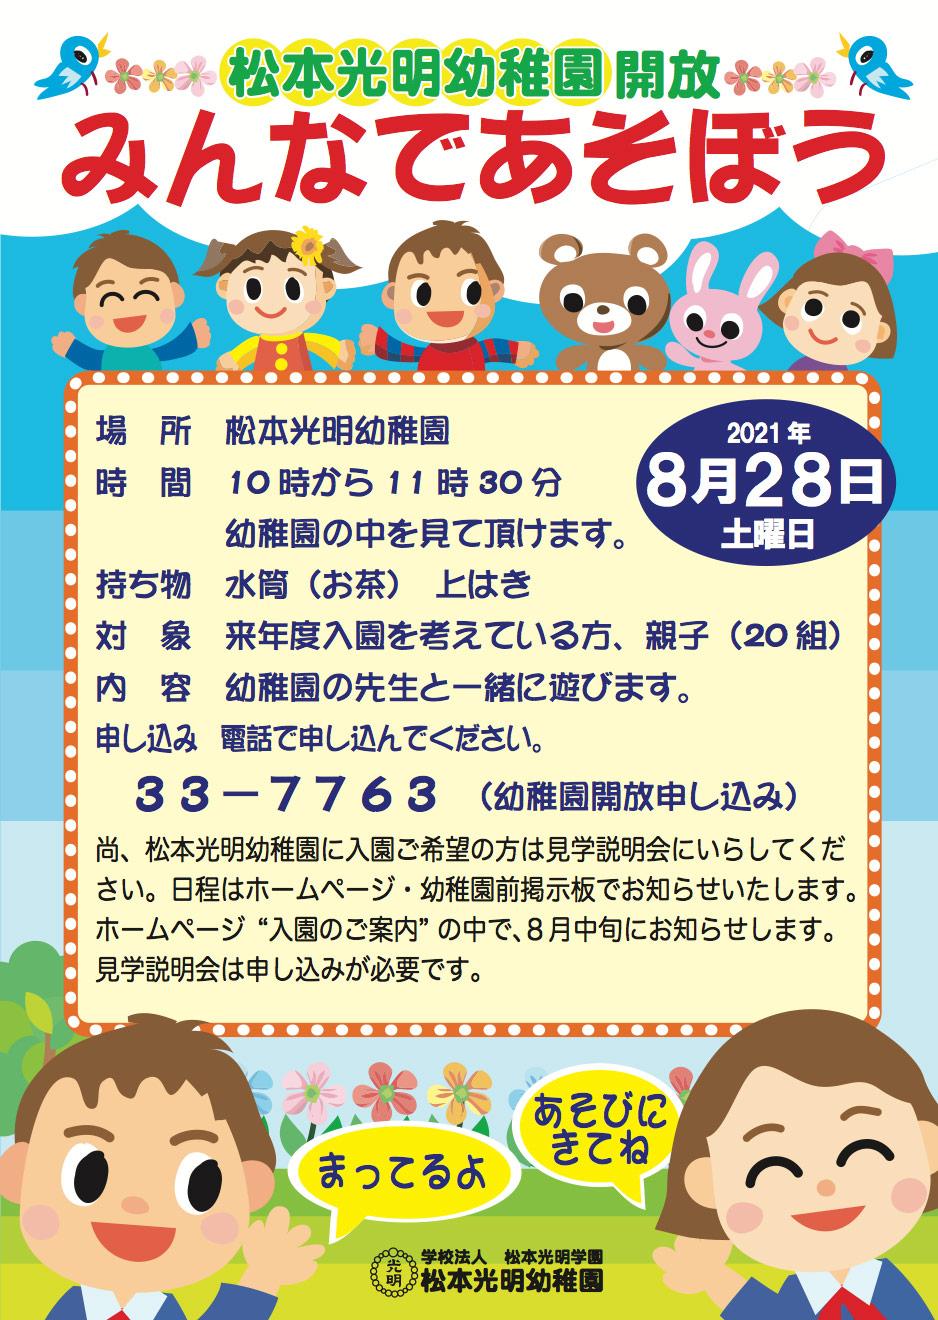 松本光明幼稚園開放:みんなであそぼうのお知らせ